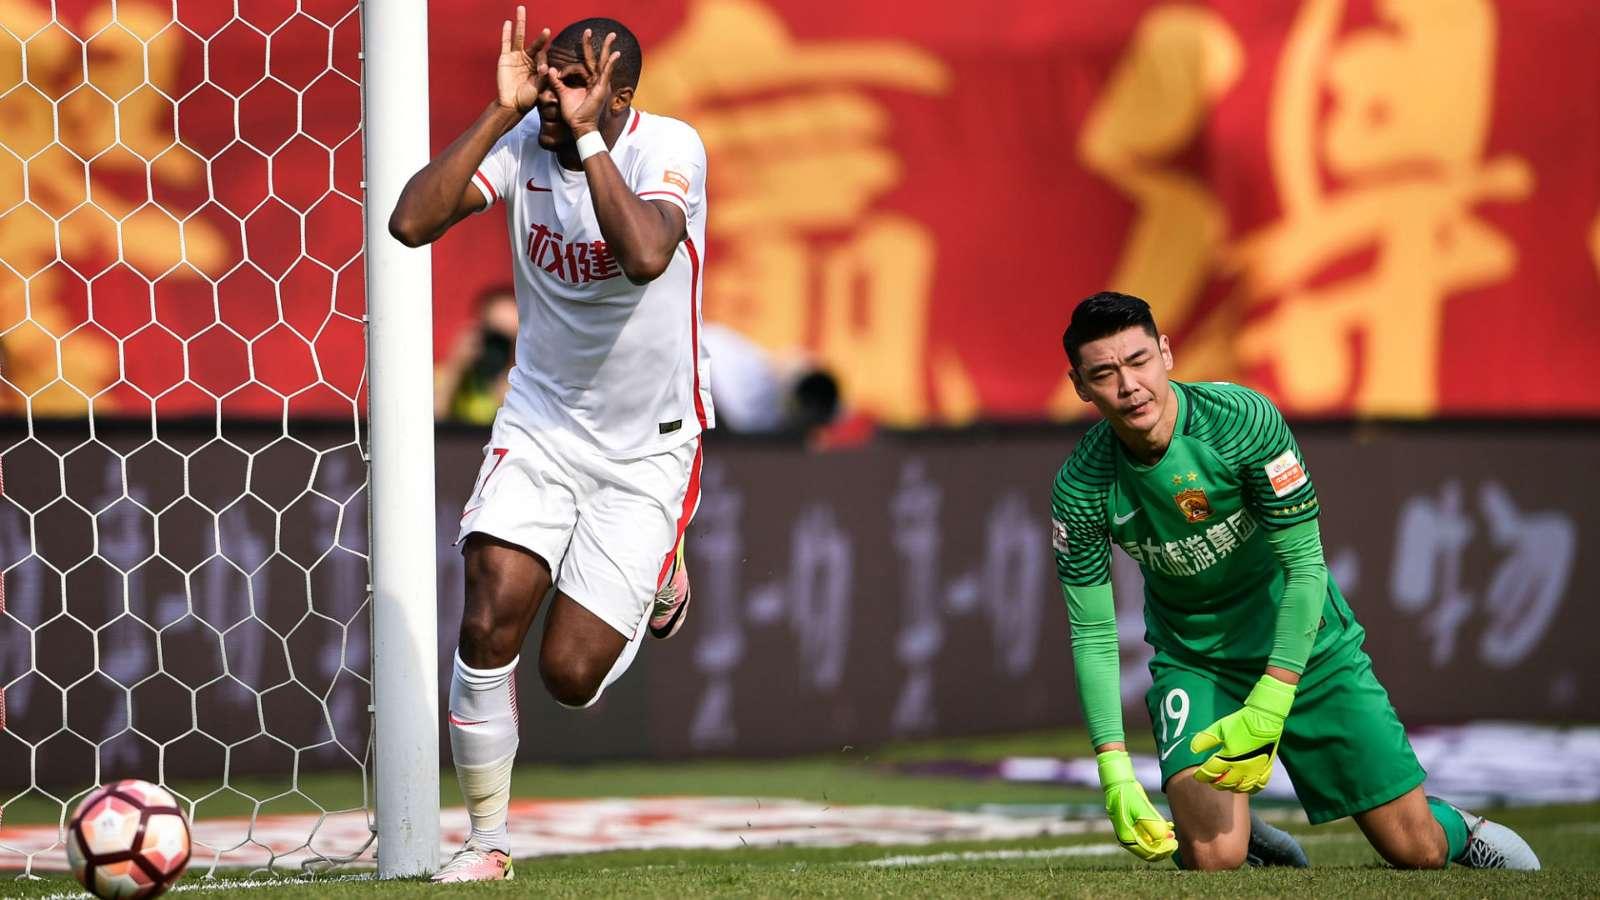 U22 Trung Quốc 0-2 U22 Việt Nam: Tiền nhiều có mua được thành công? - Hình 4